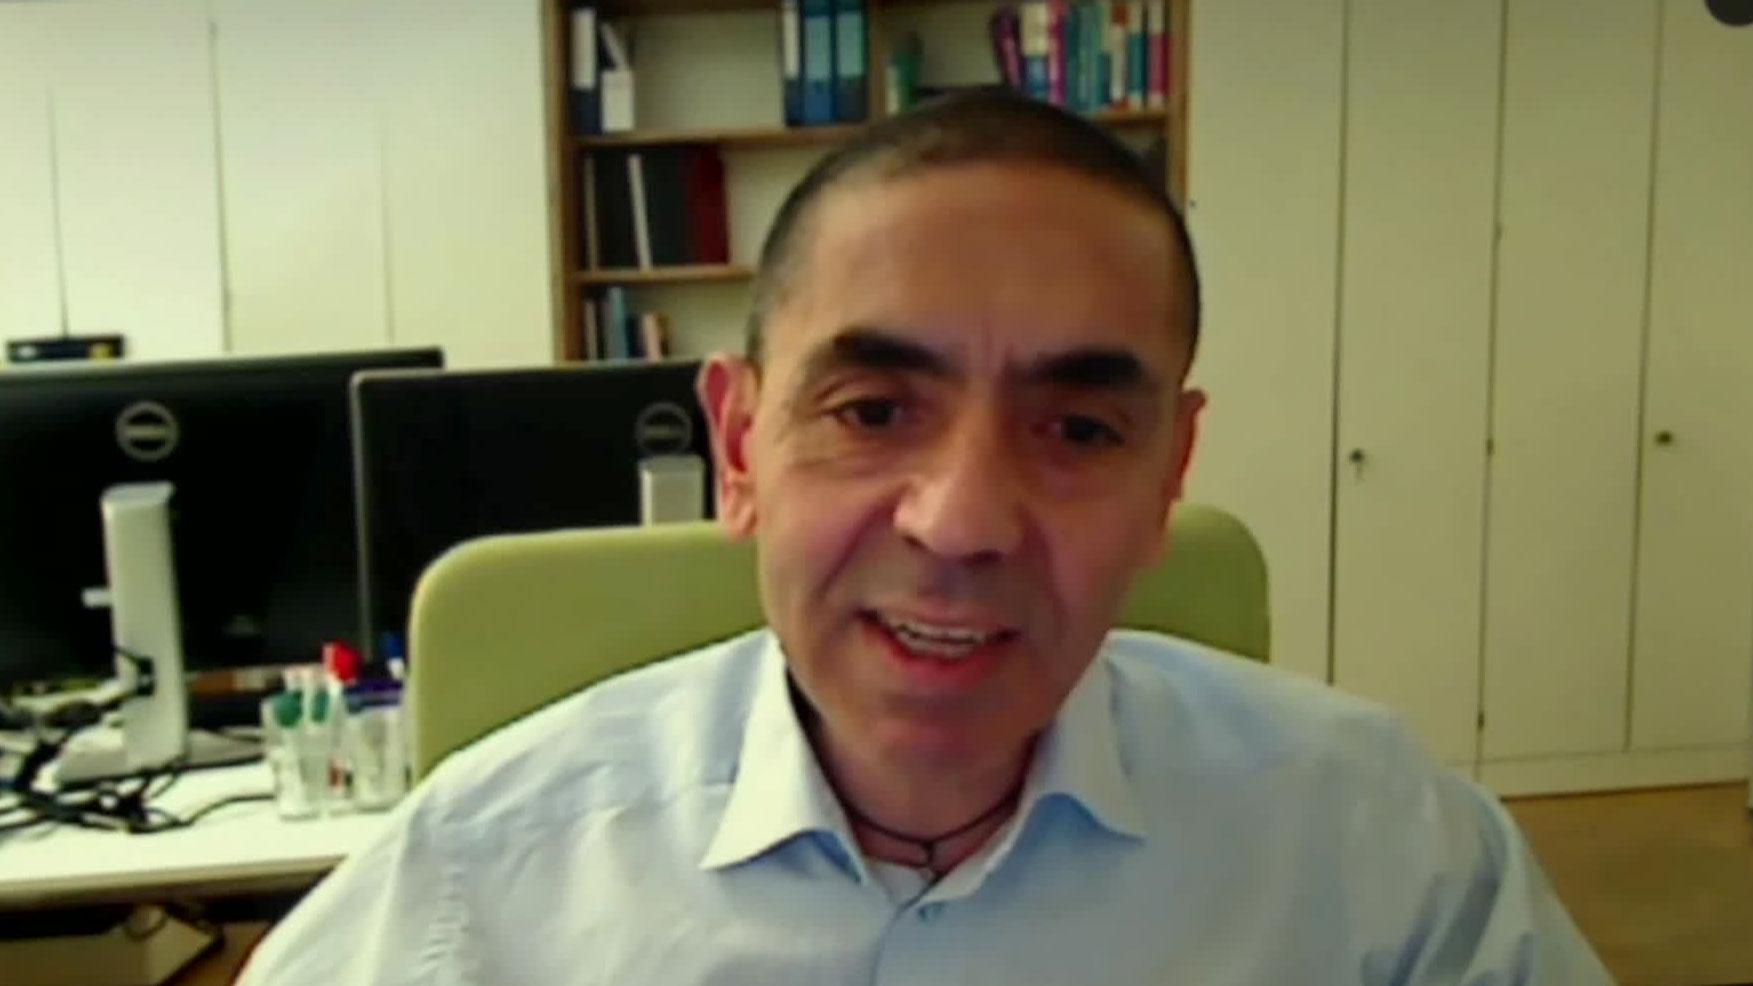 BioNTech CEO Uğur Şahin speaks with CNN on Wednesday, November 18.